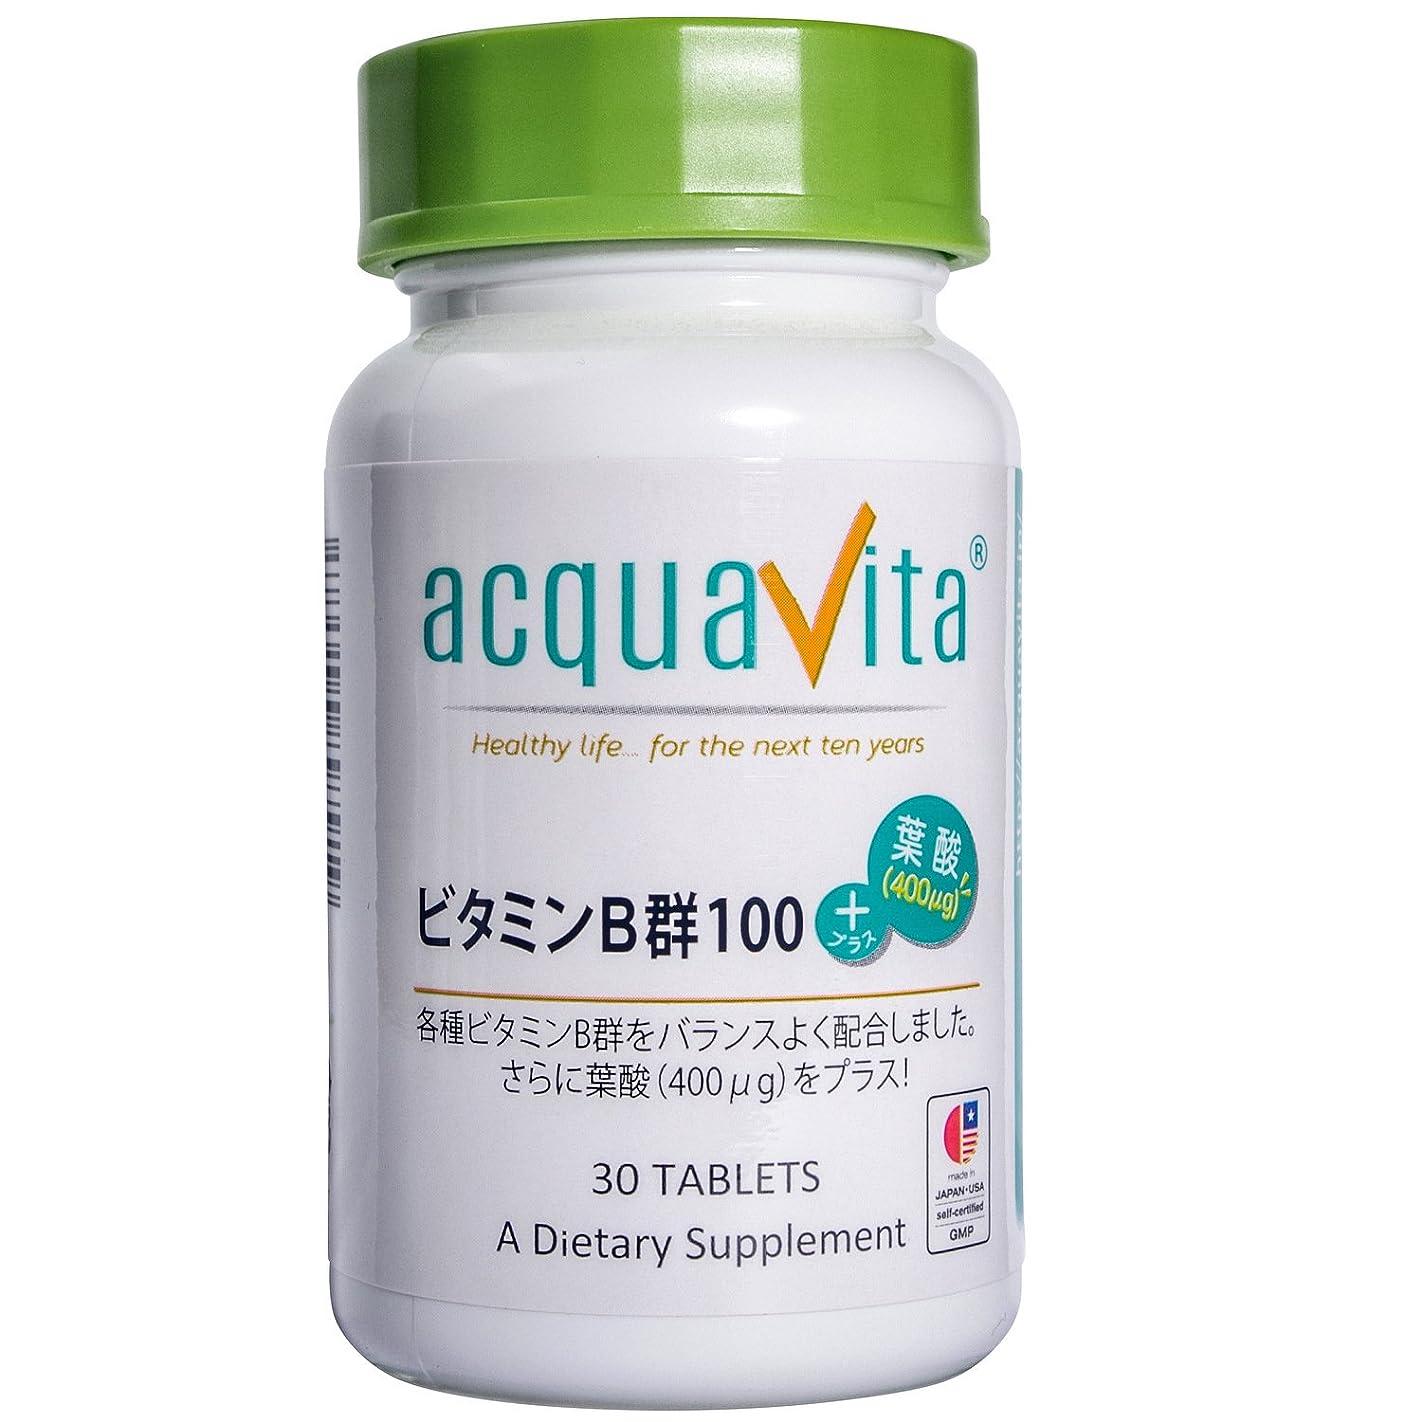 寄生虫する必要がある幸運なことにacquavita(アクアヴィータ) ビタミンB群100+葉酸(400μg) 30粒